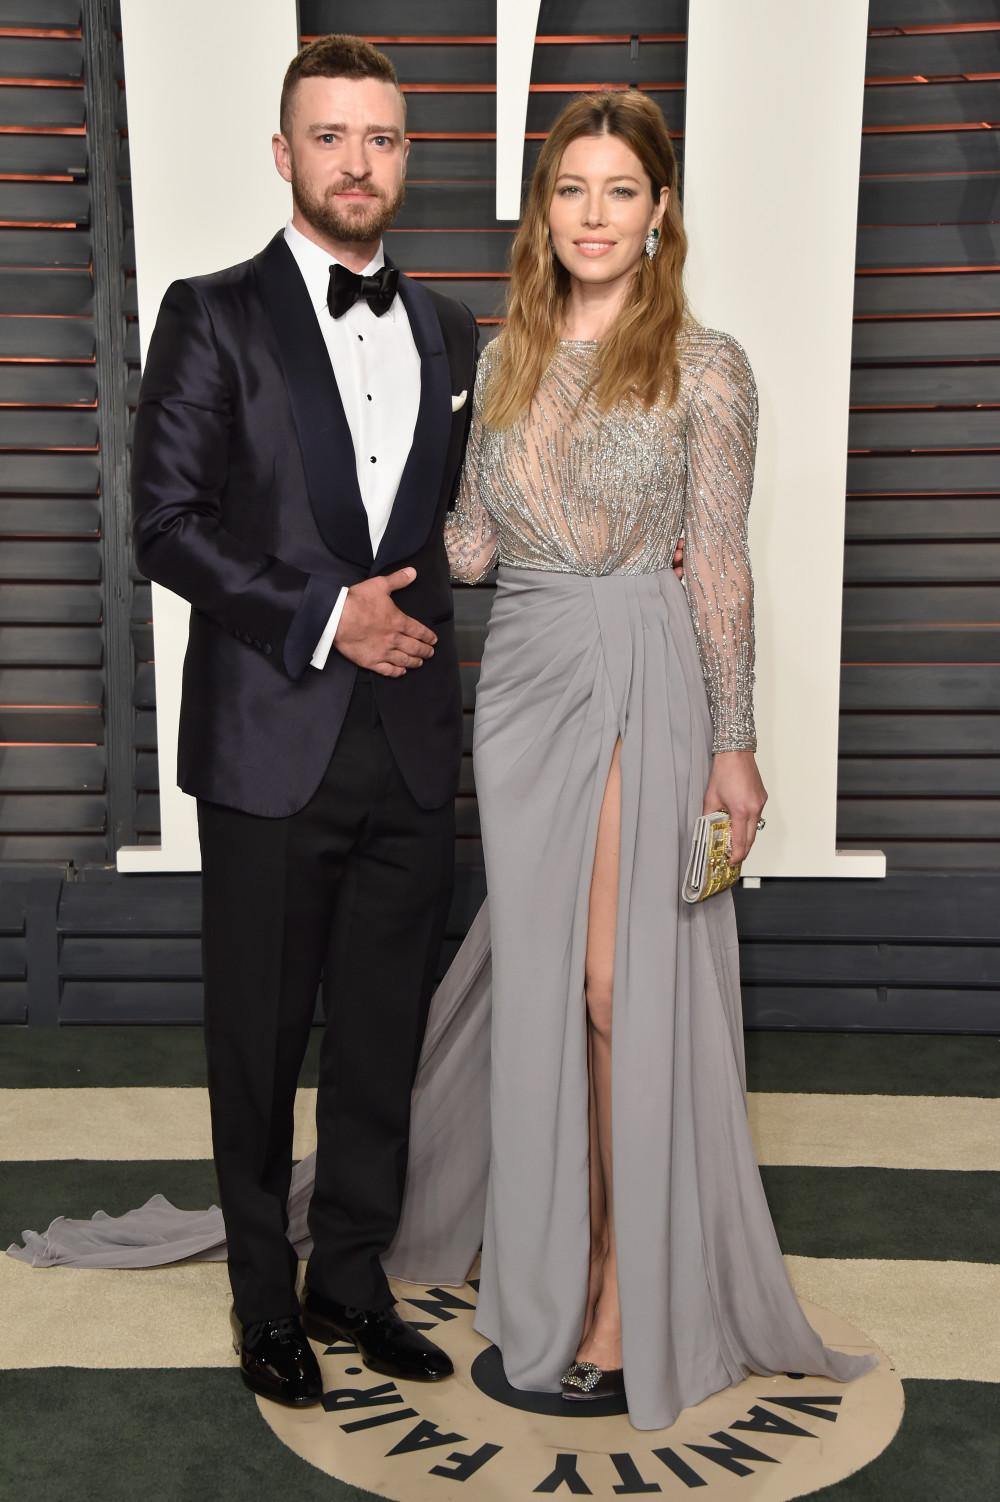 Джастин Тимберлейк и Джессика Бил Оскар 2016